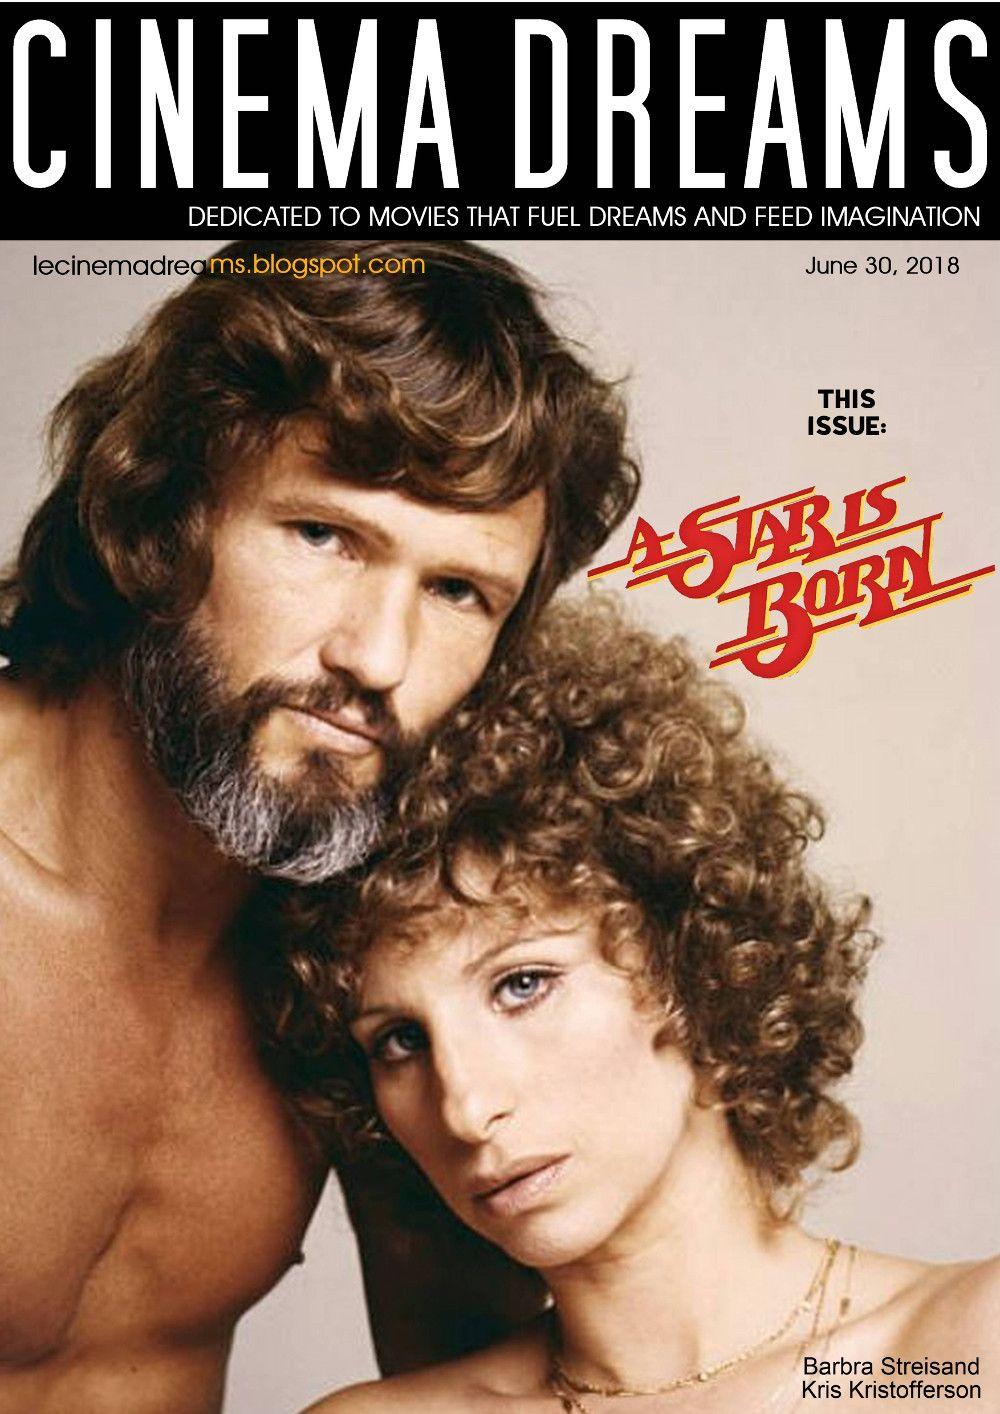 A Star Is Born 1976 Barbra Streisand A Star Is Born 1976 A Star Is Born